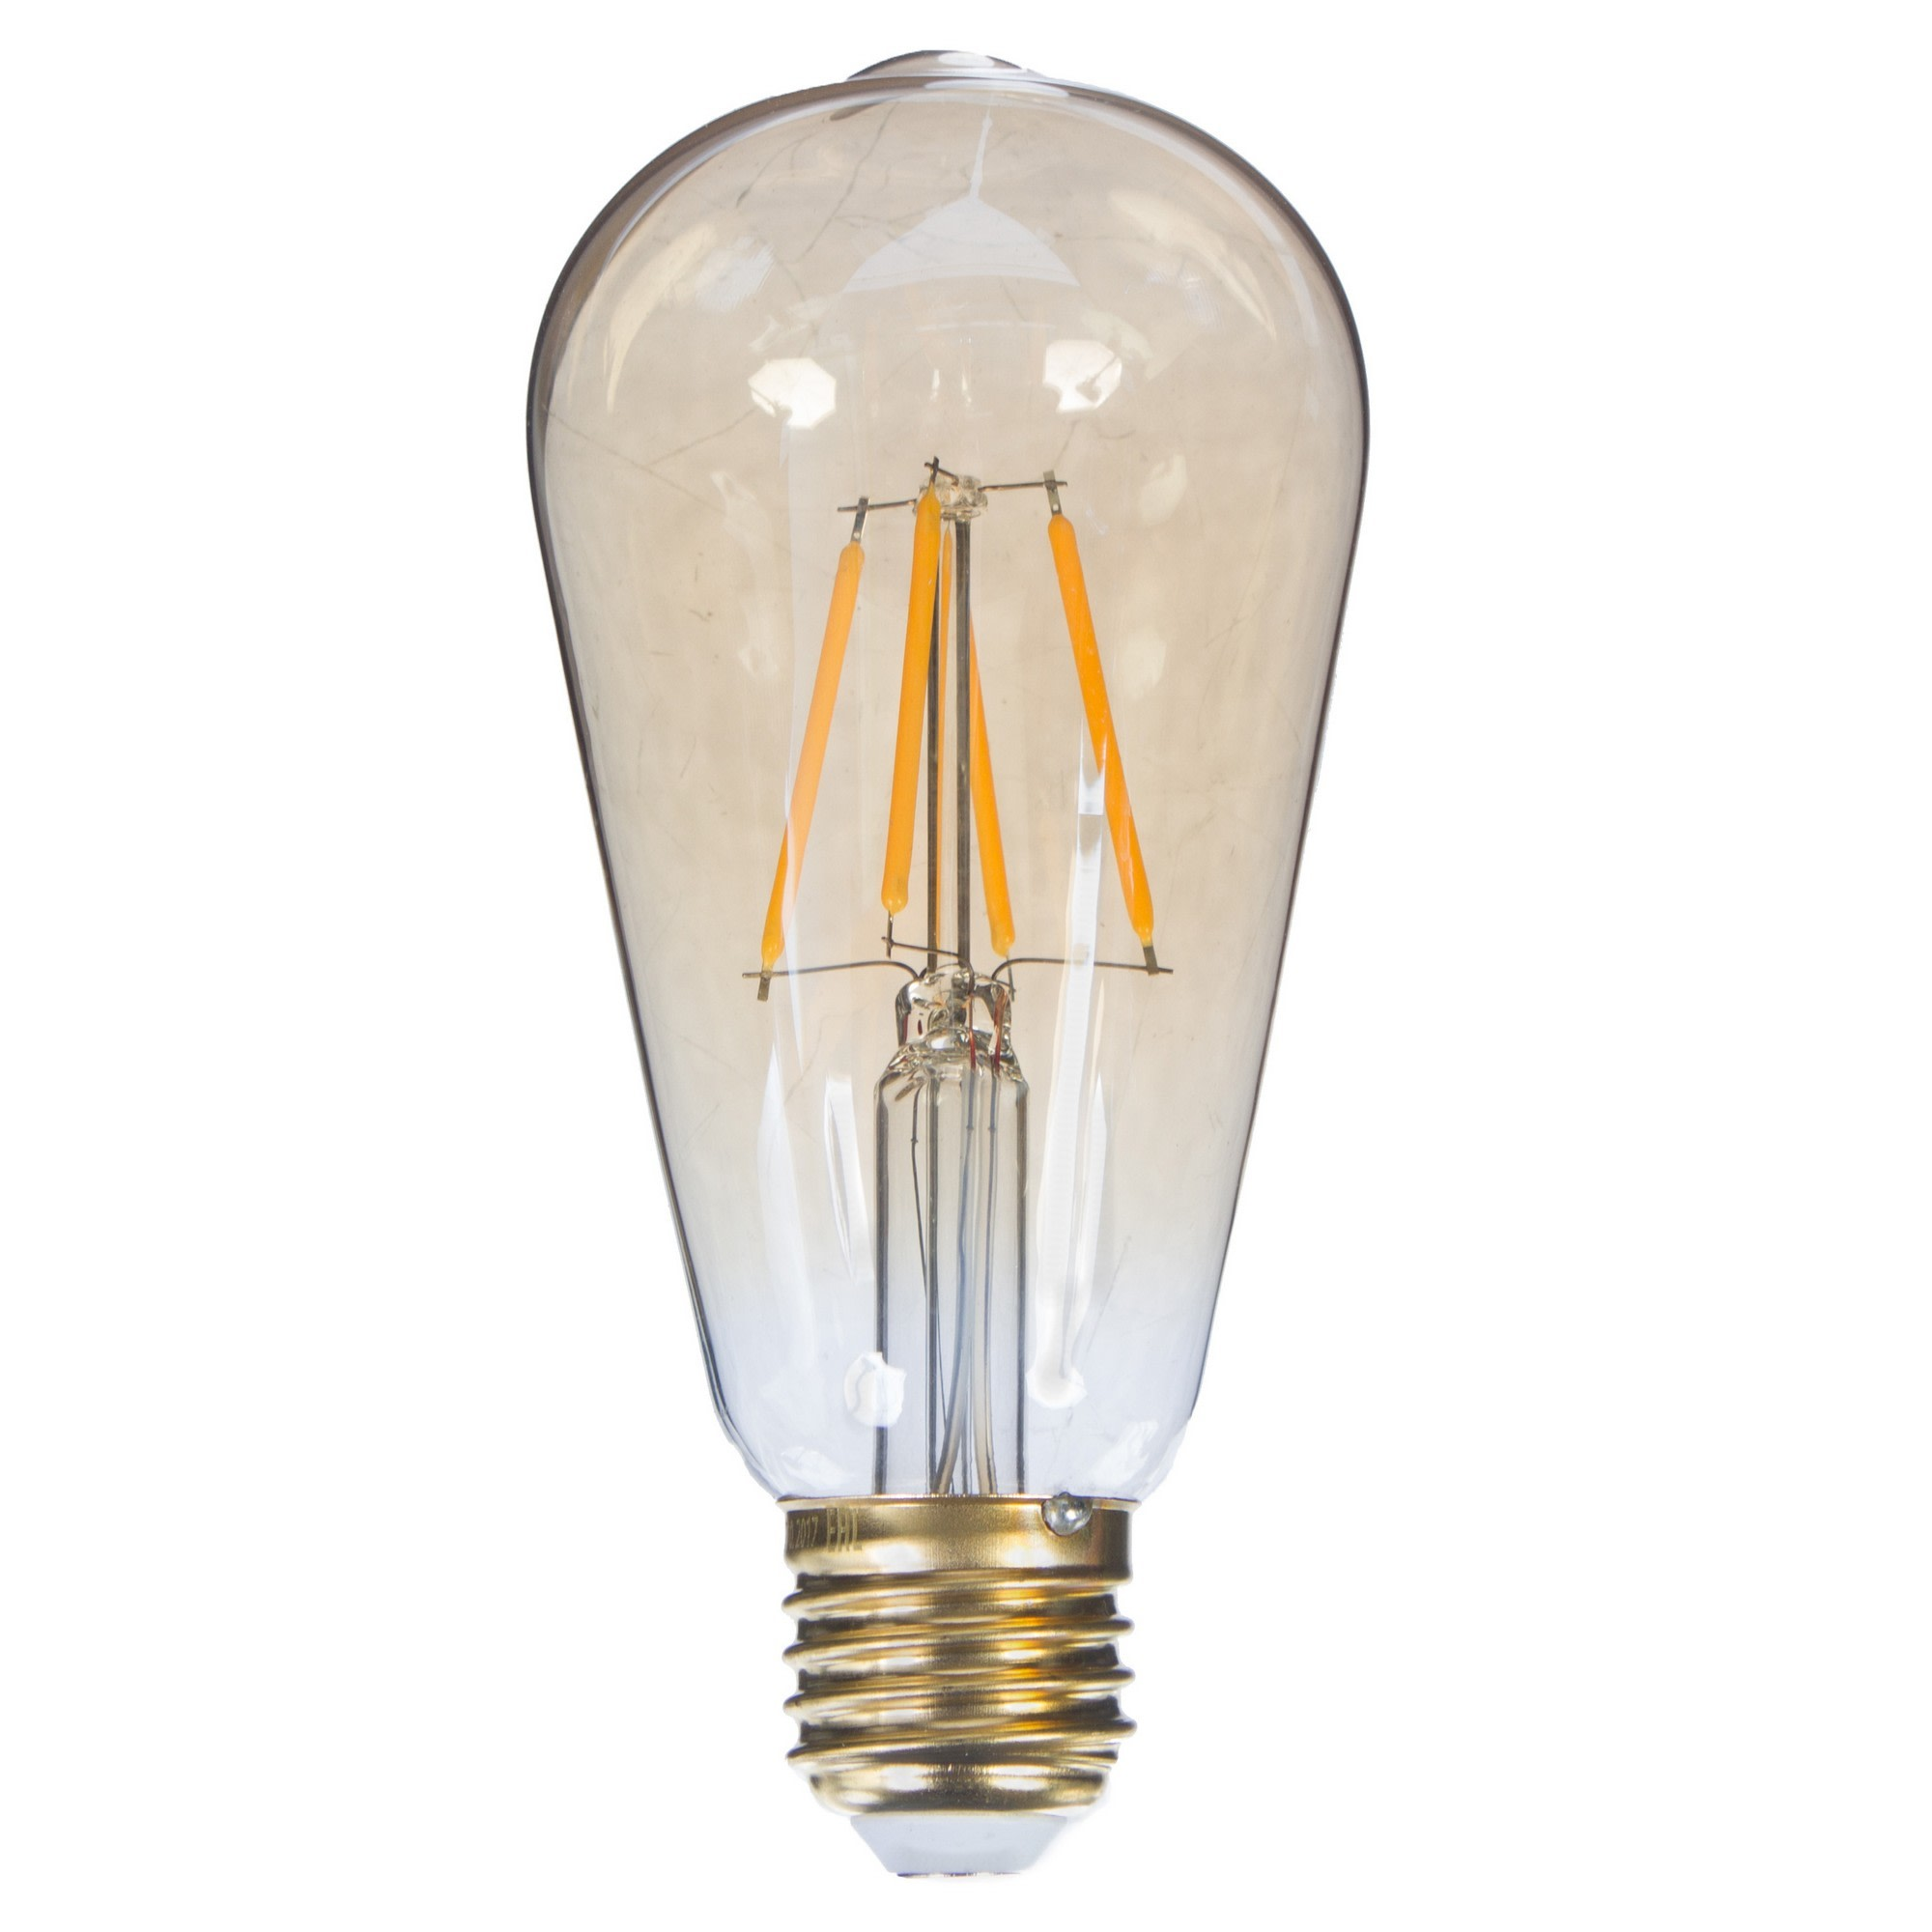 Лампа светодиодная Uniel Vintage конус E27 5 Вт 450 Лм свет тёплый белый